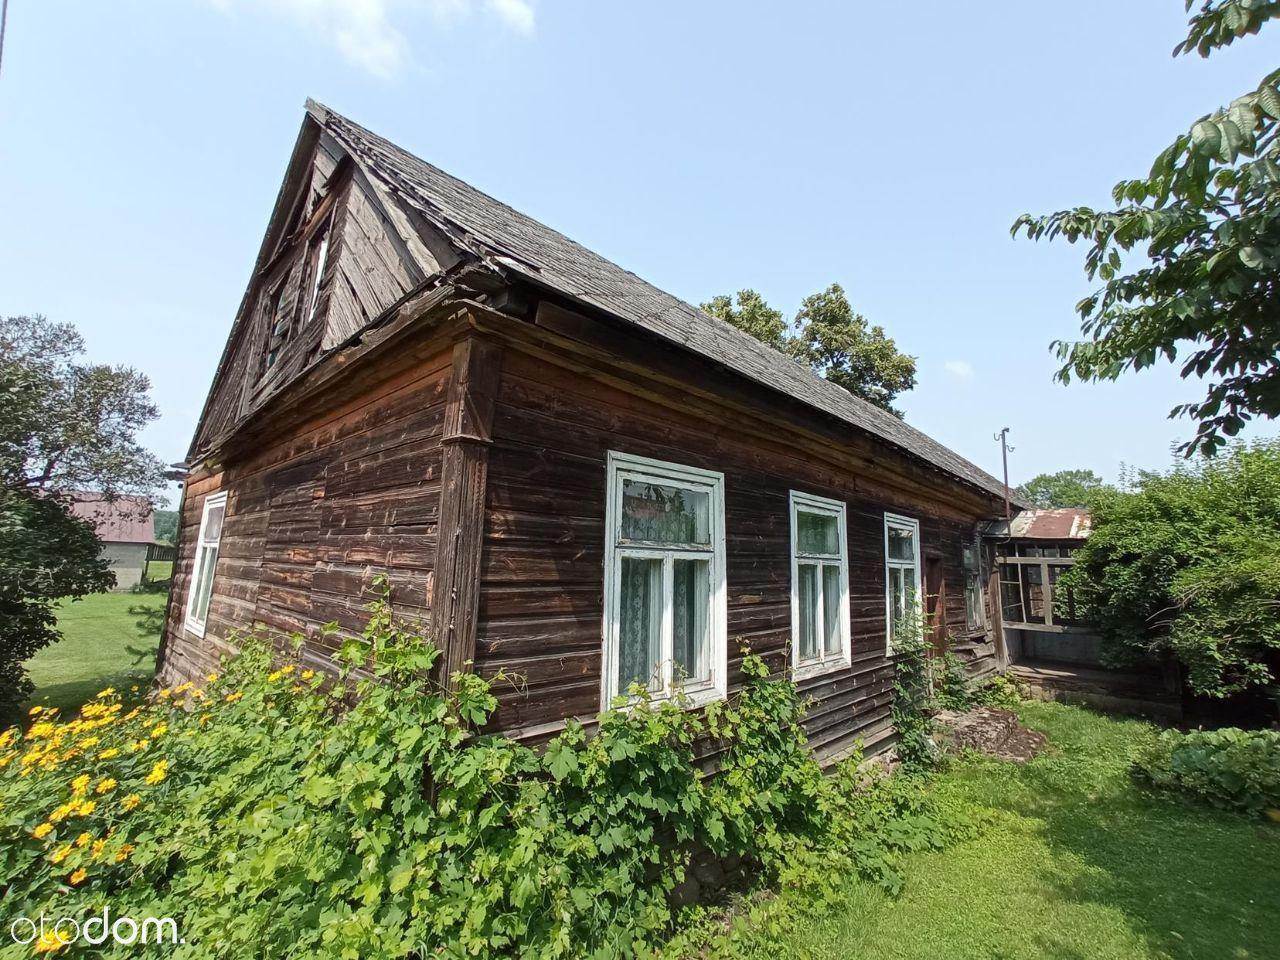 Carski budynek do przeniesienia! Lata 1880 – 1890!